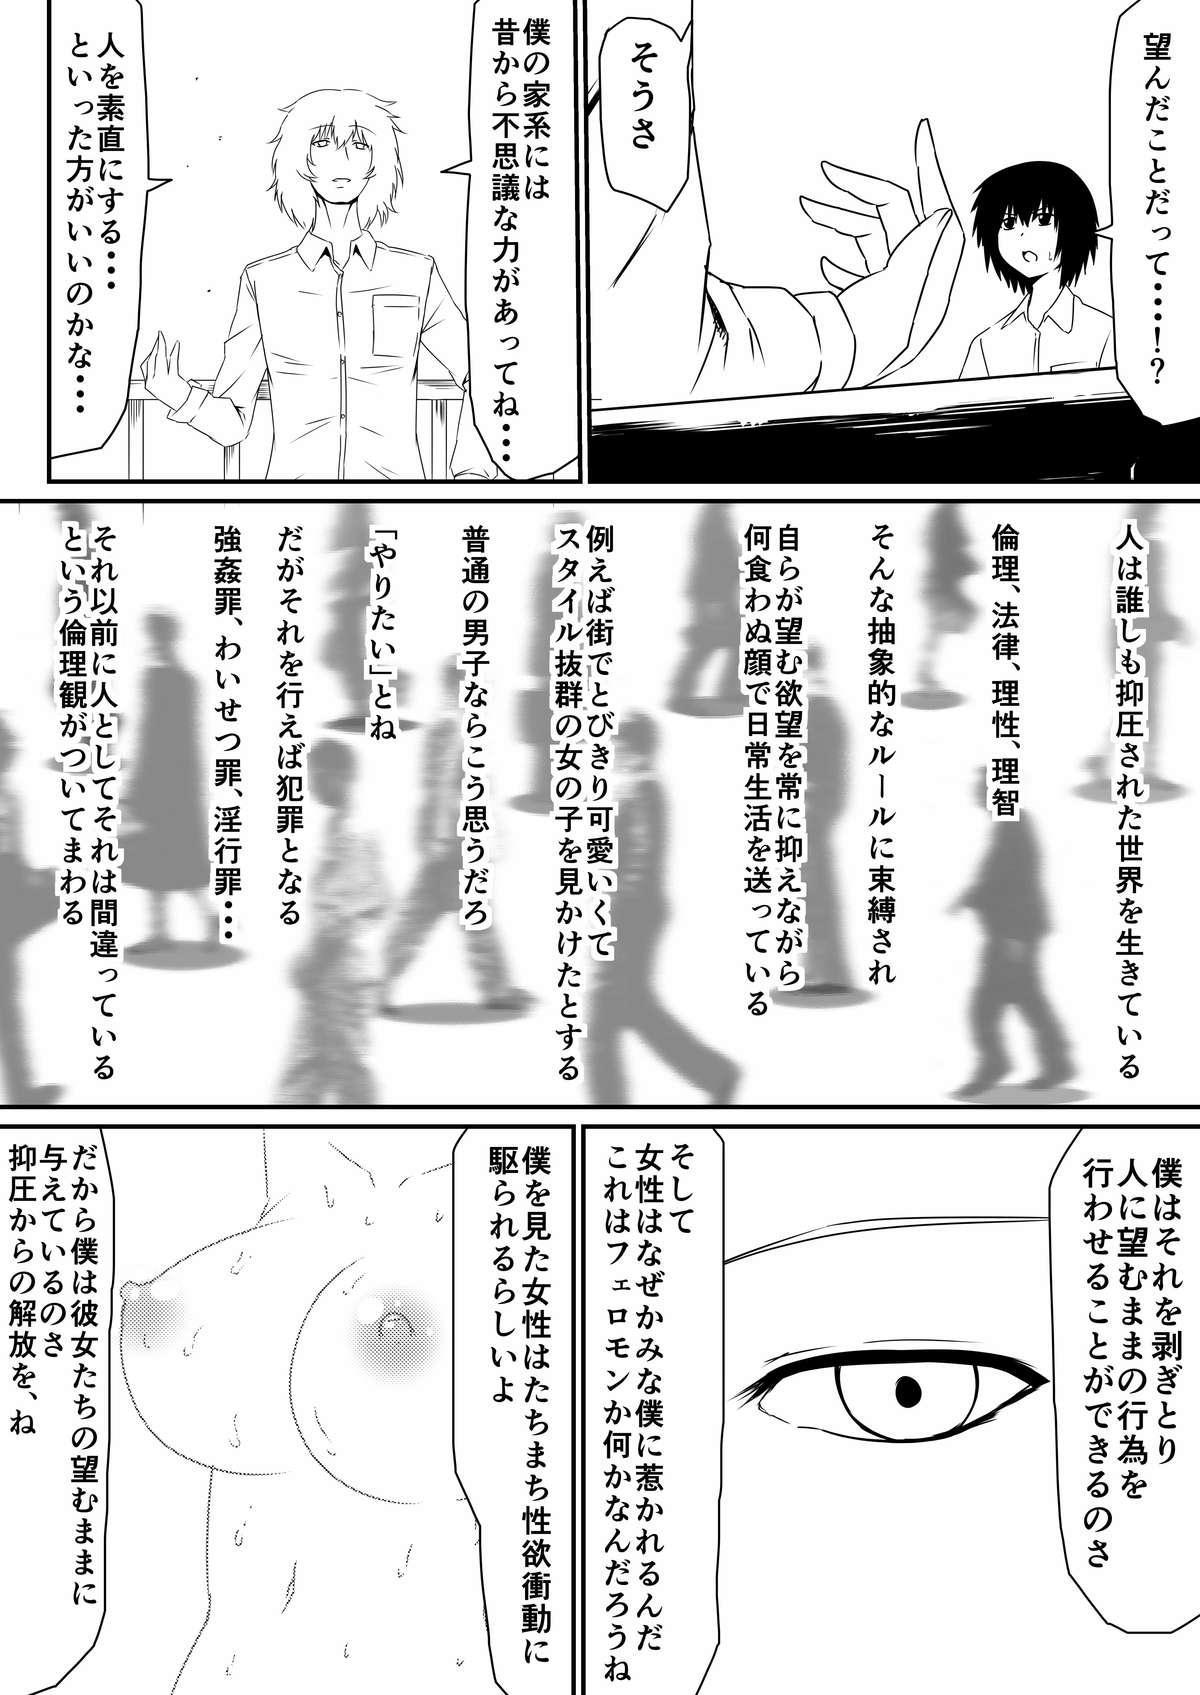 [Mikezoutei] Mashou no Chinko o Motsu Shounen ~Kare no Dankon wa Josei o Mesu e to Kaeru~ Zenpen 31